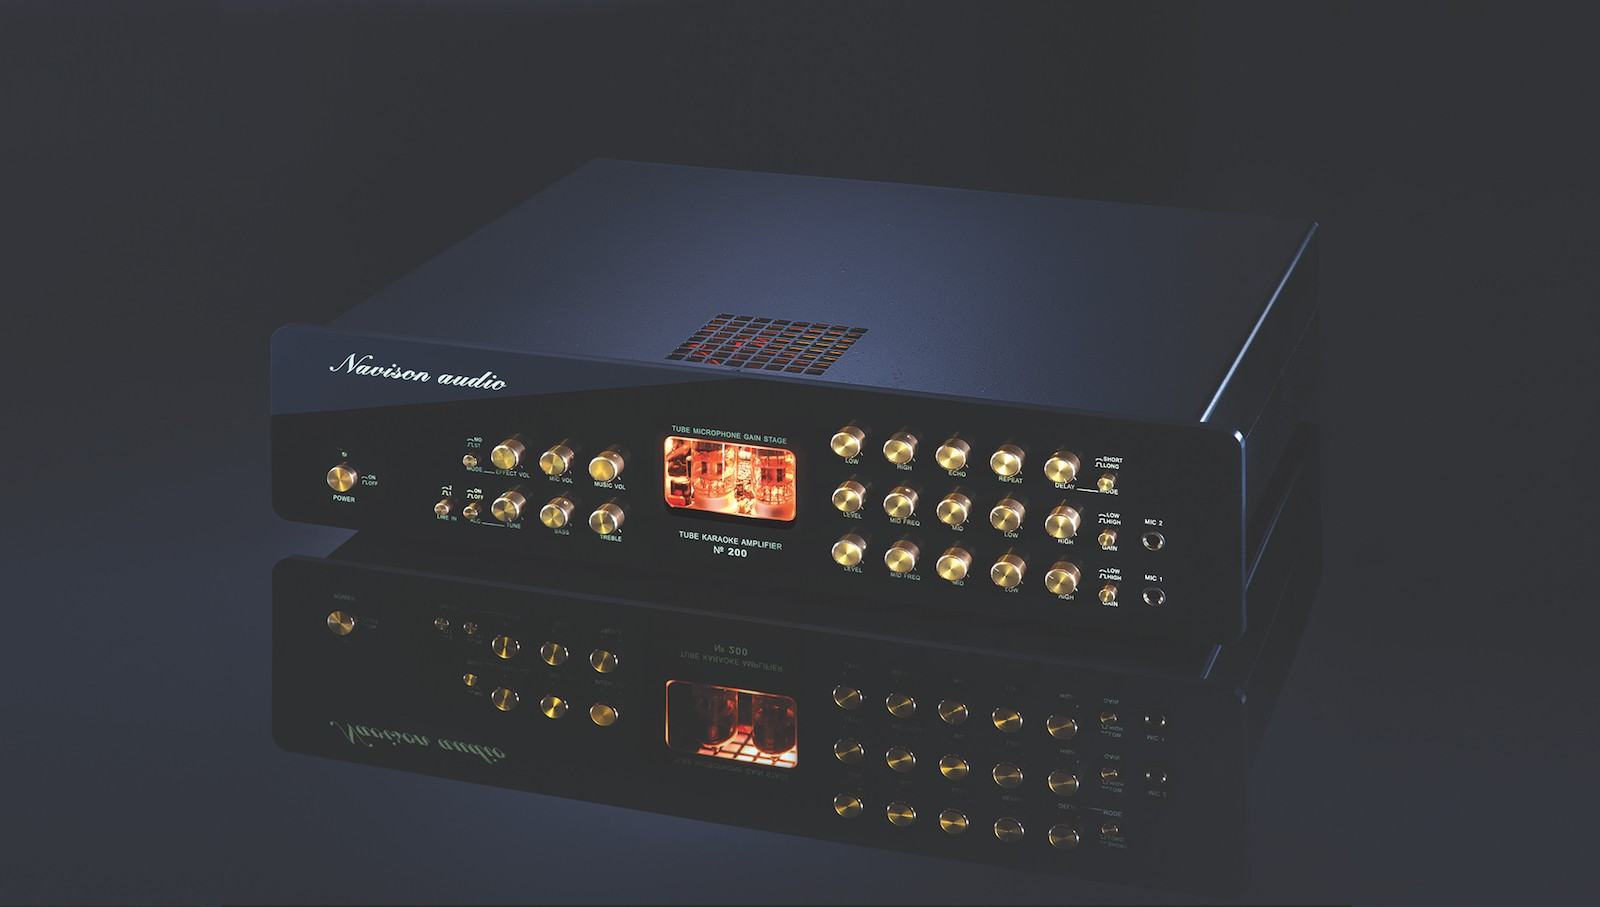 Navison Audio trình làng Karaoke Tube Mixer amplifier No.201: Gấp đôi công suất, chế tác thủ công, kiểm tra linh kiện nghiêm ngặt